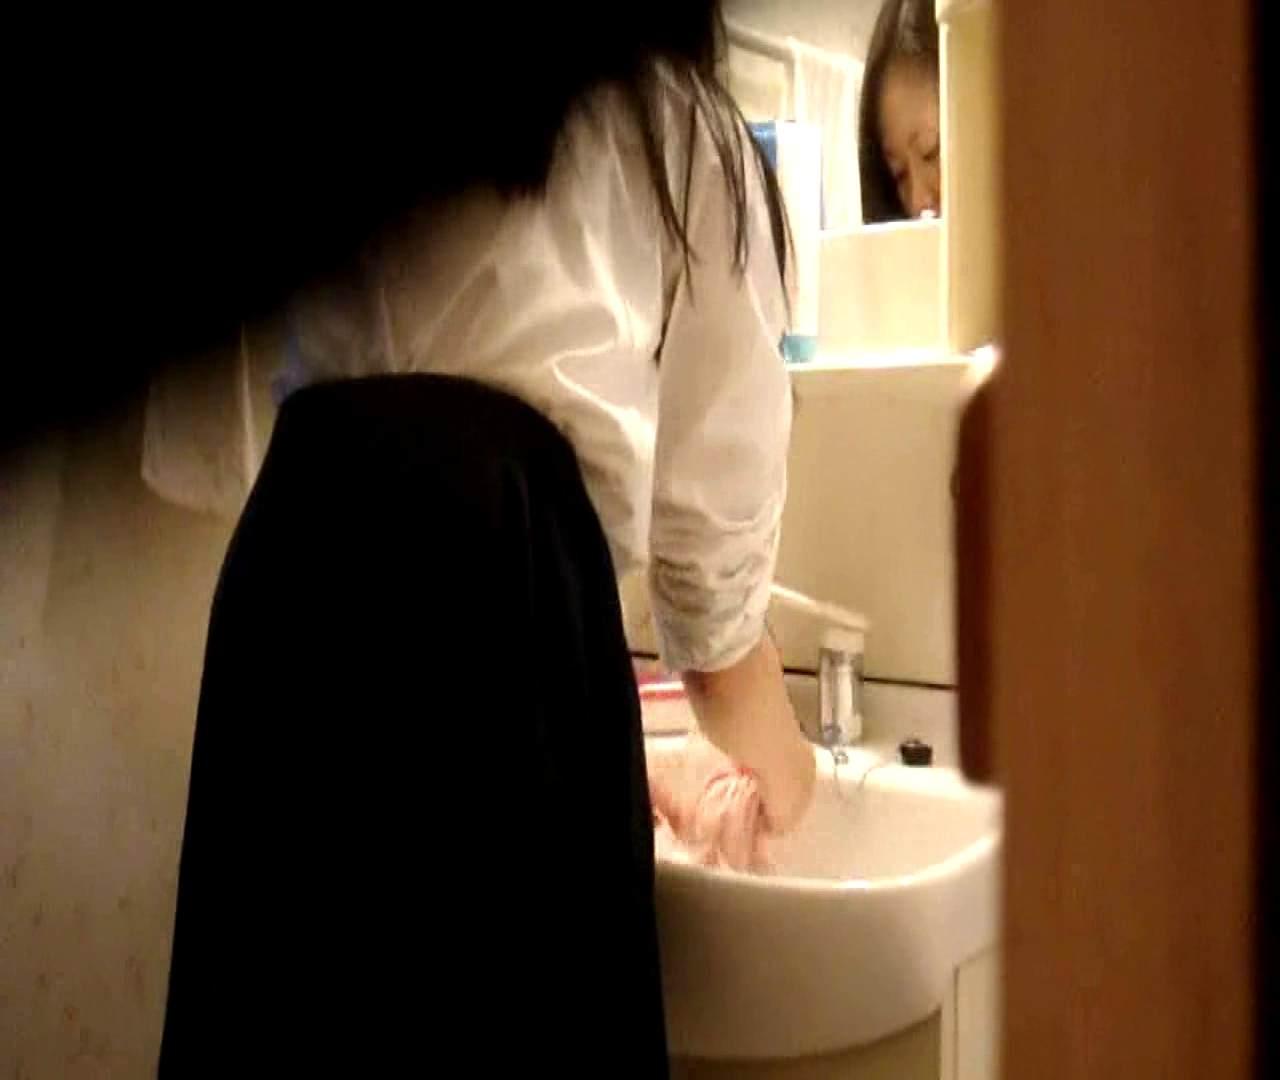 二人とも育てた甲斐がありました… vol.05 まどかが洗顔後にブラを洗濯 盗撮シリーズ | おまんこ見放題  79PIX 49